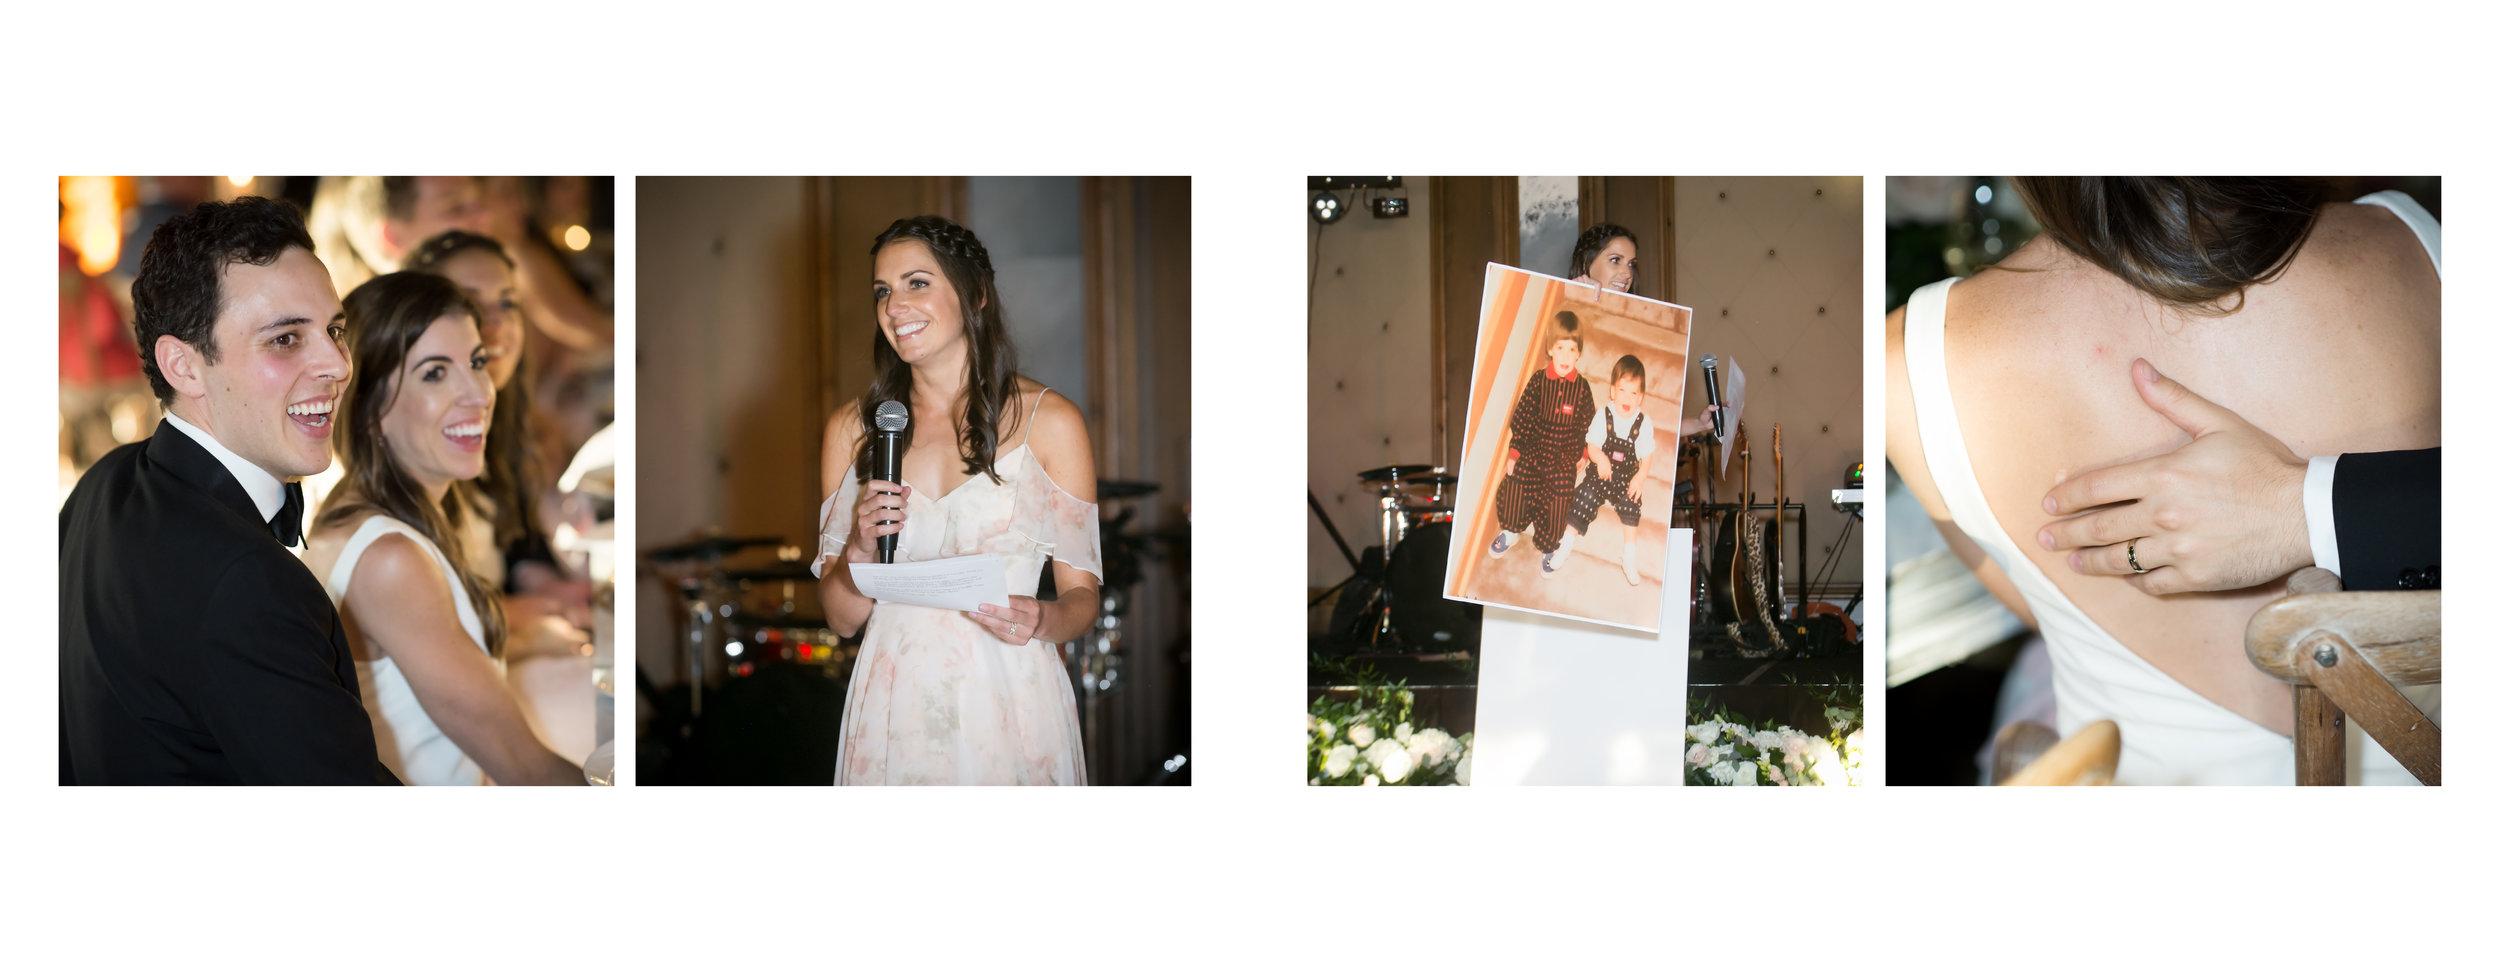 CatherineQuinnSample33.jpg